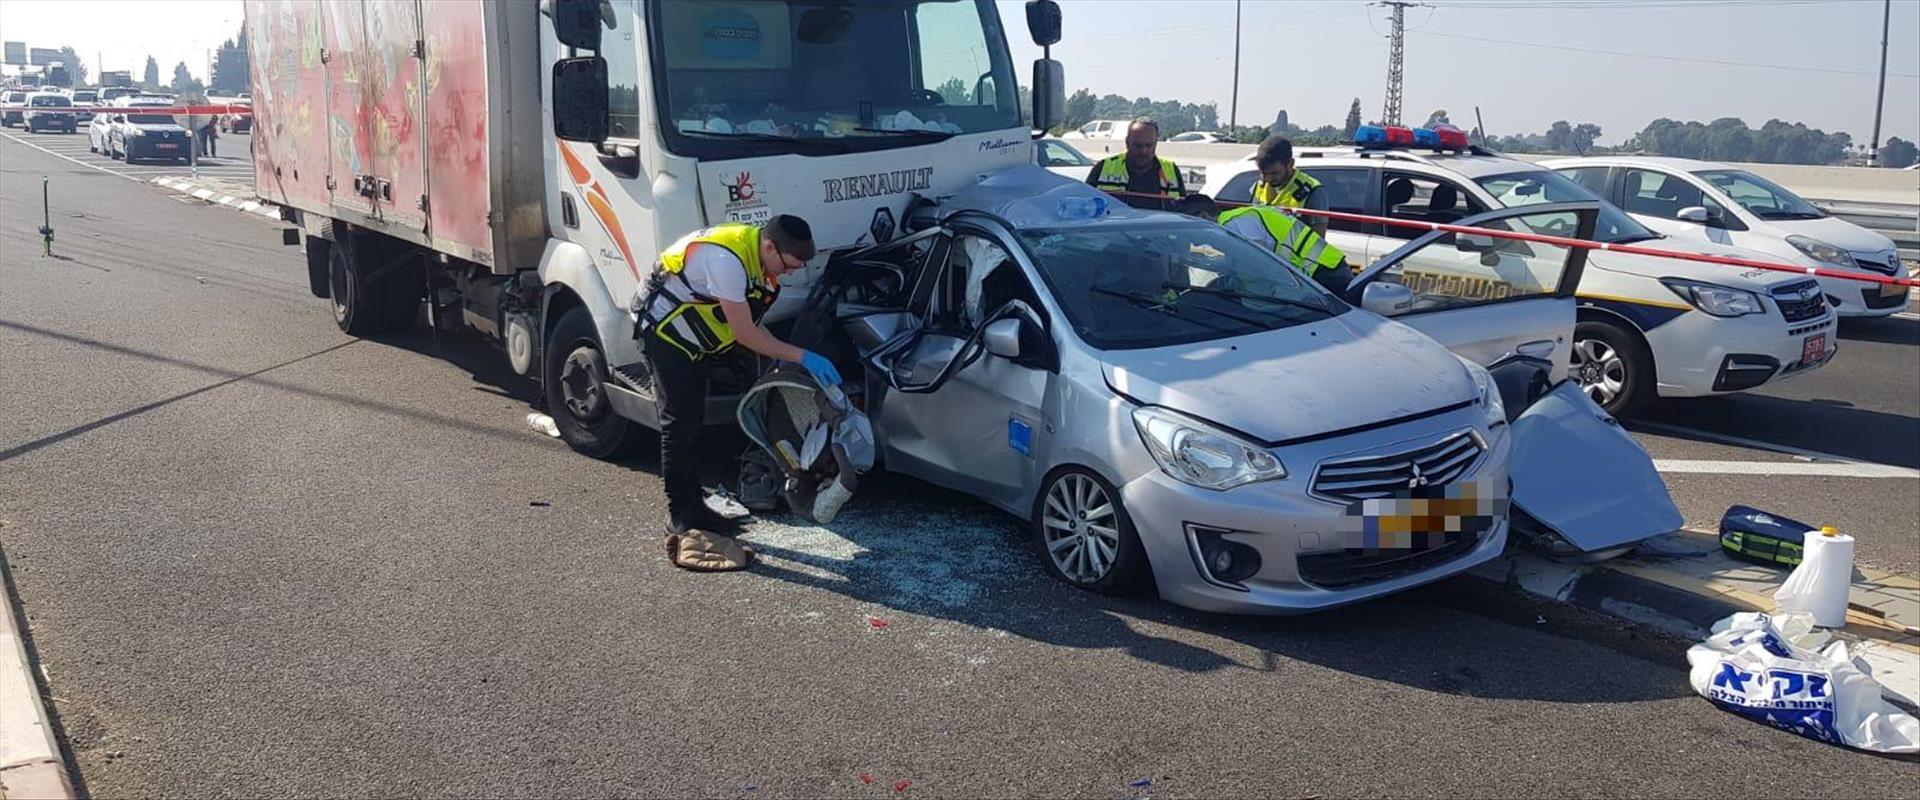 זירת התאונה, בשבוע שעבר